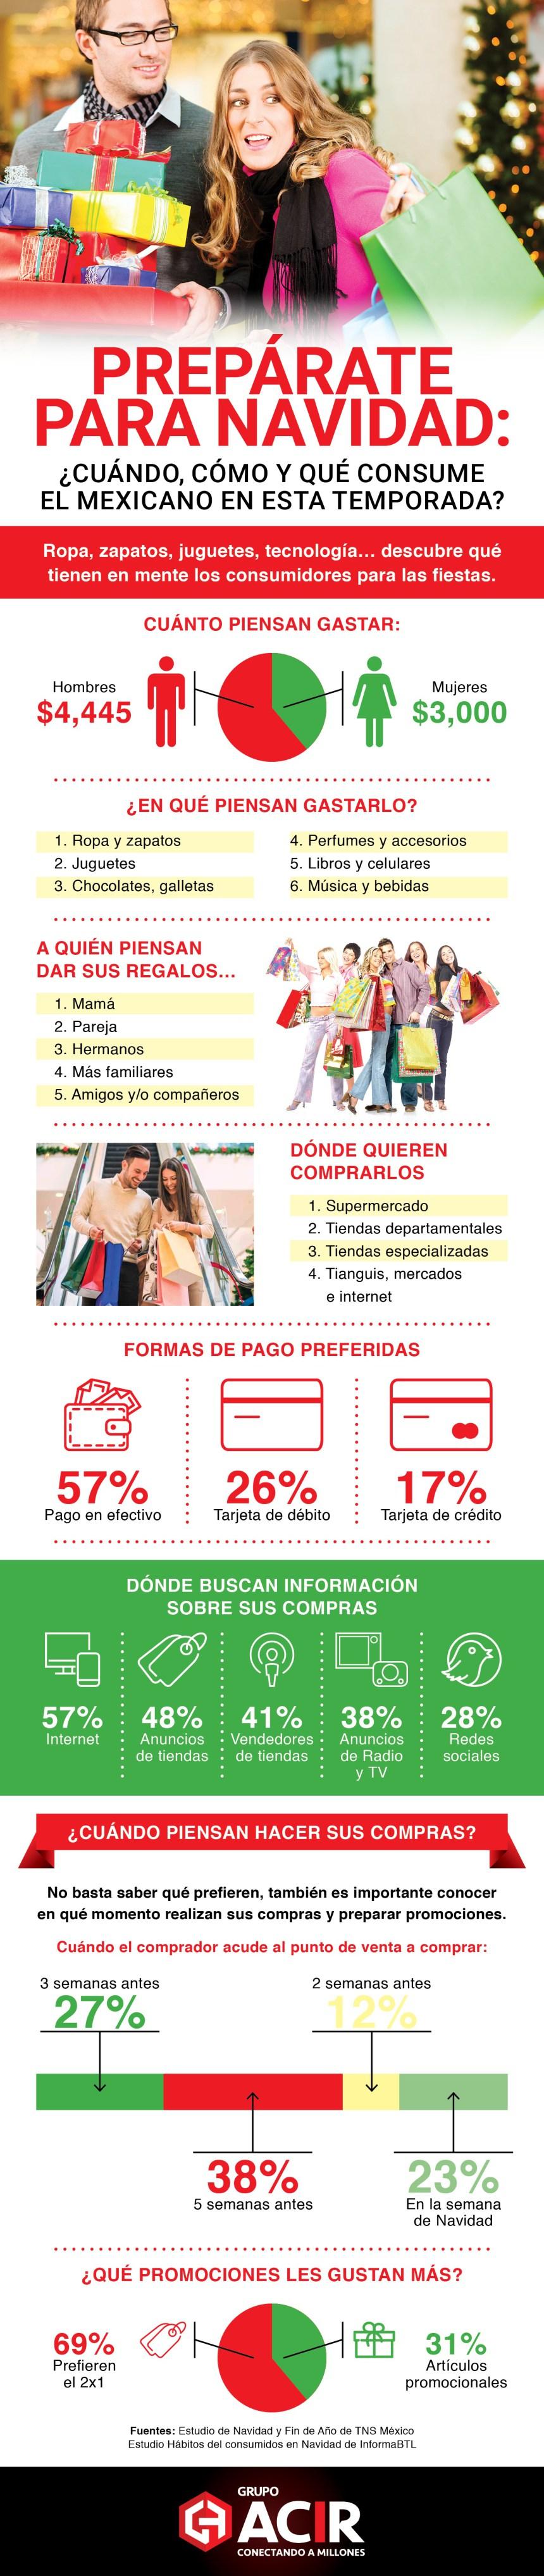 Navidad en México: qué y cómo se consume #infografia #infographic #marketing